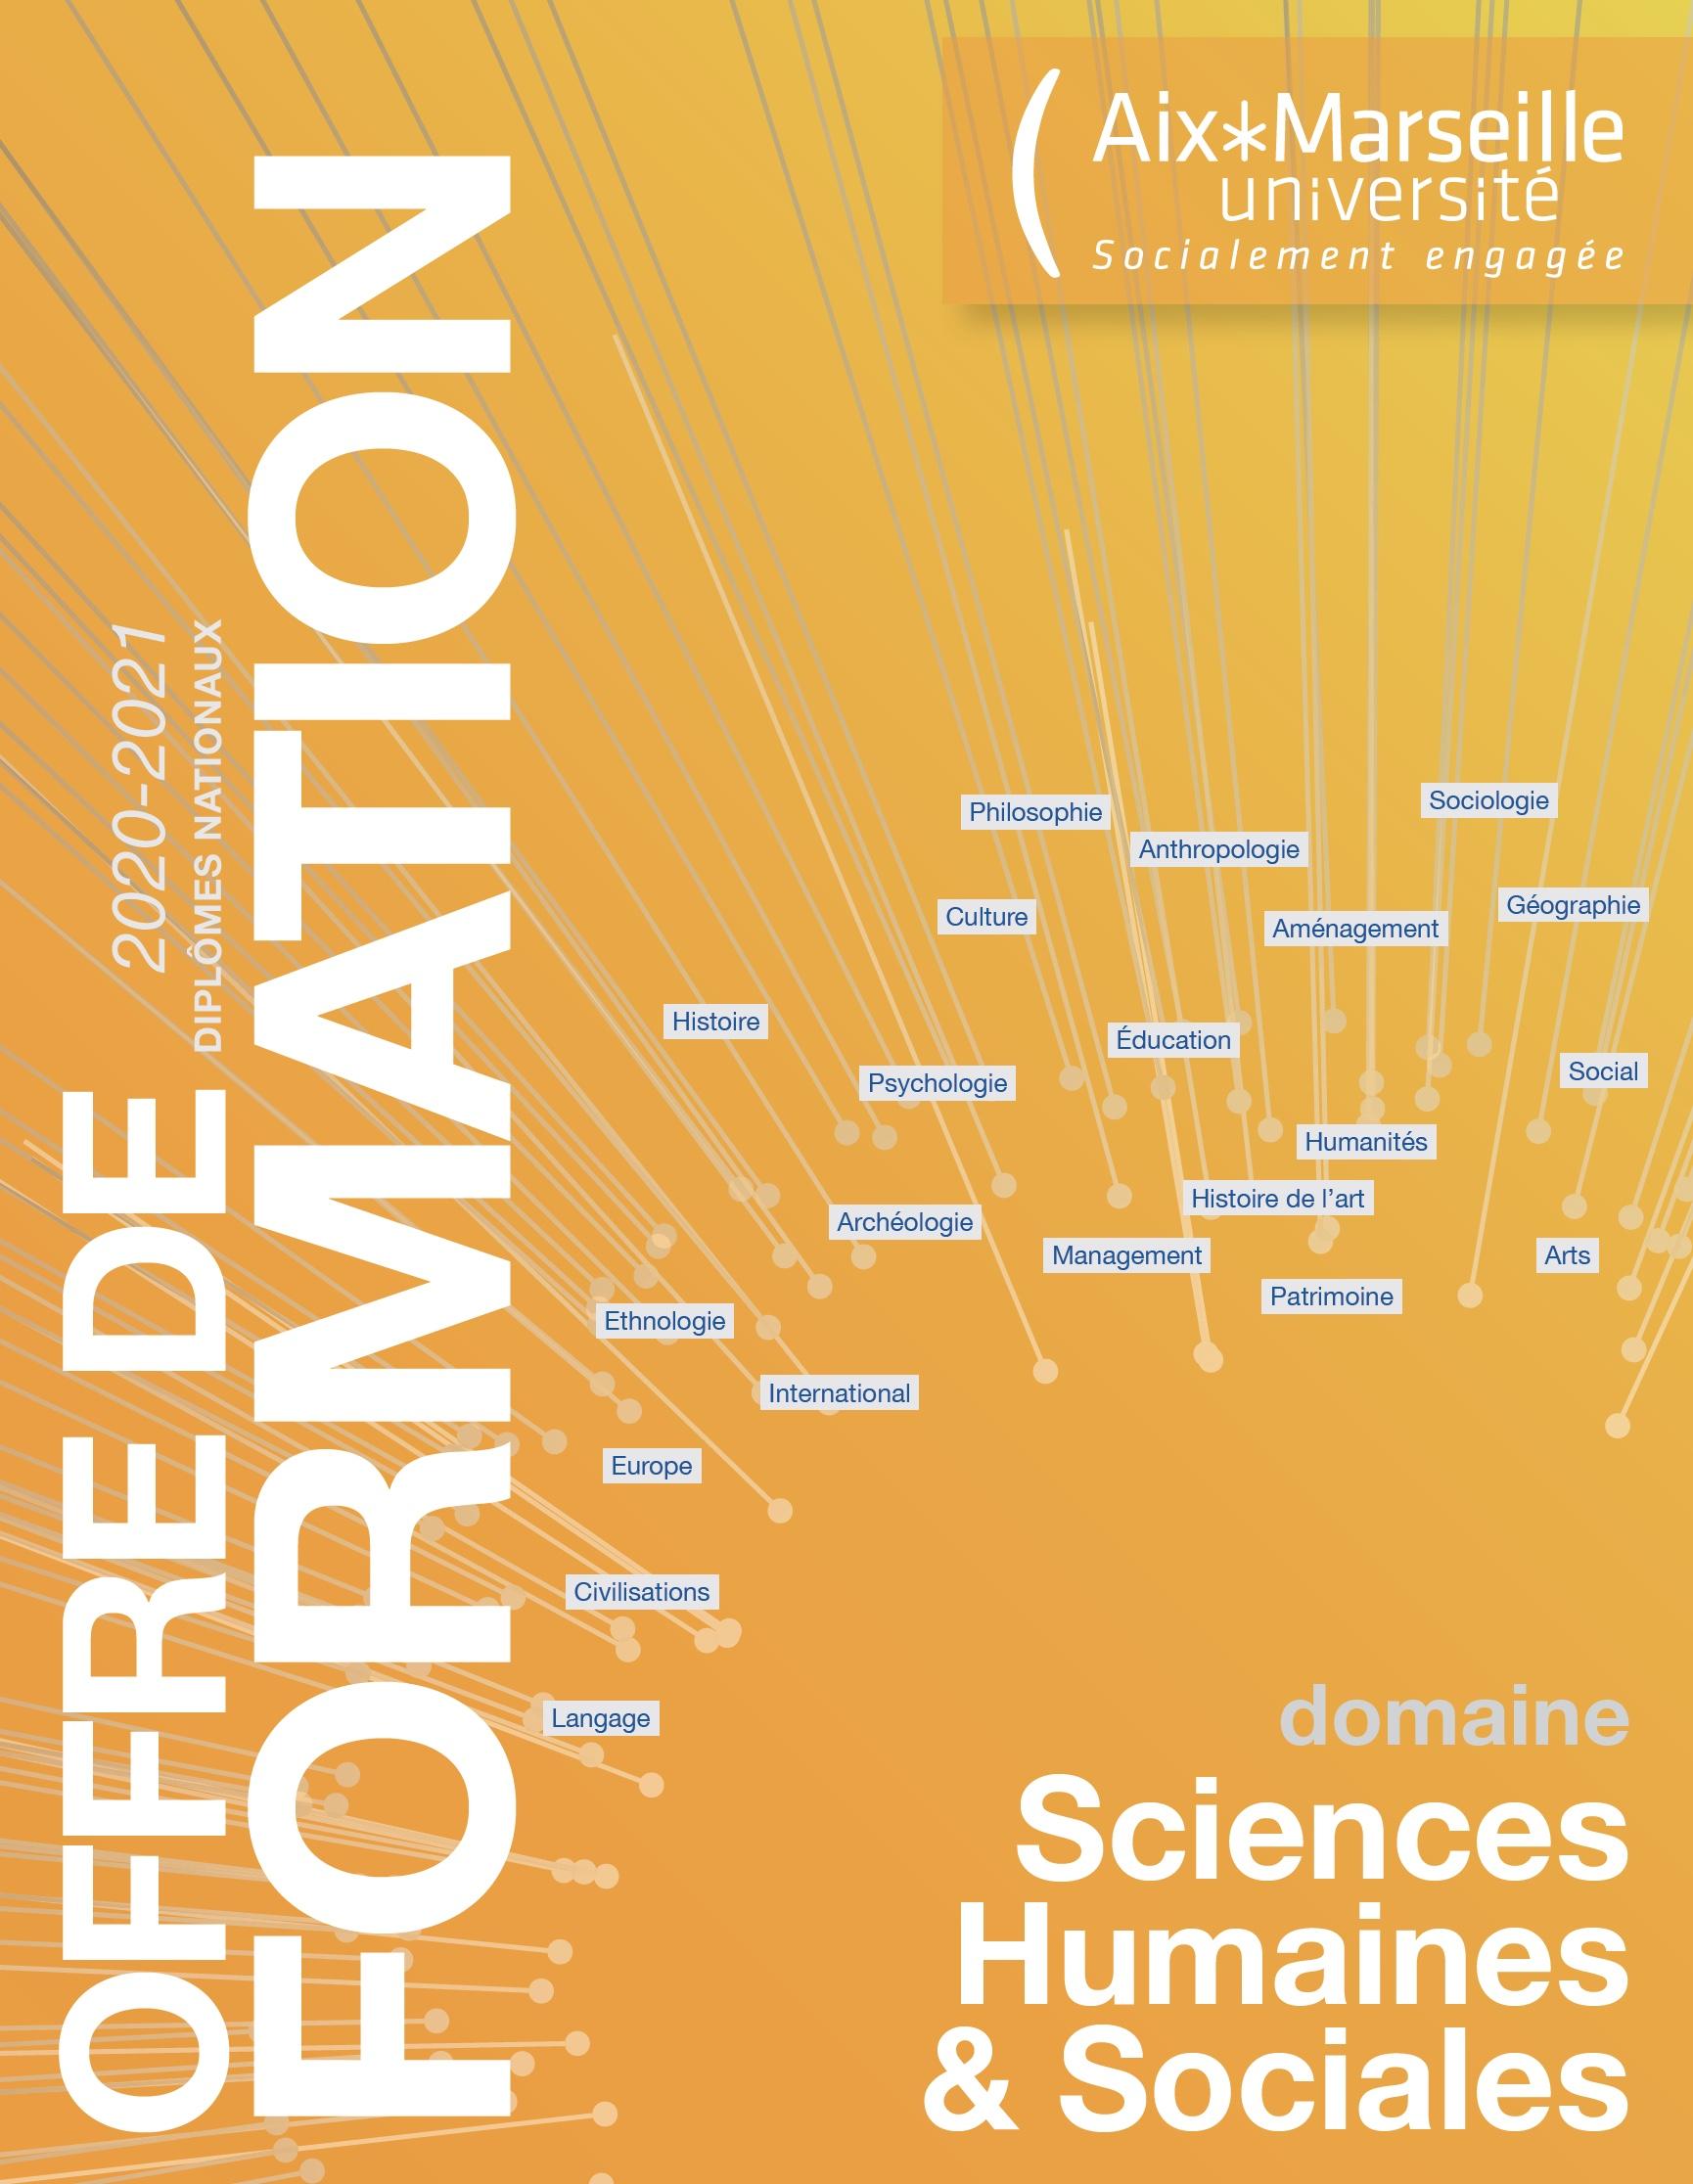 image Domaine Sciences Humaines et Sociales